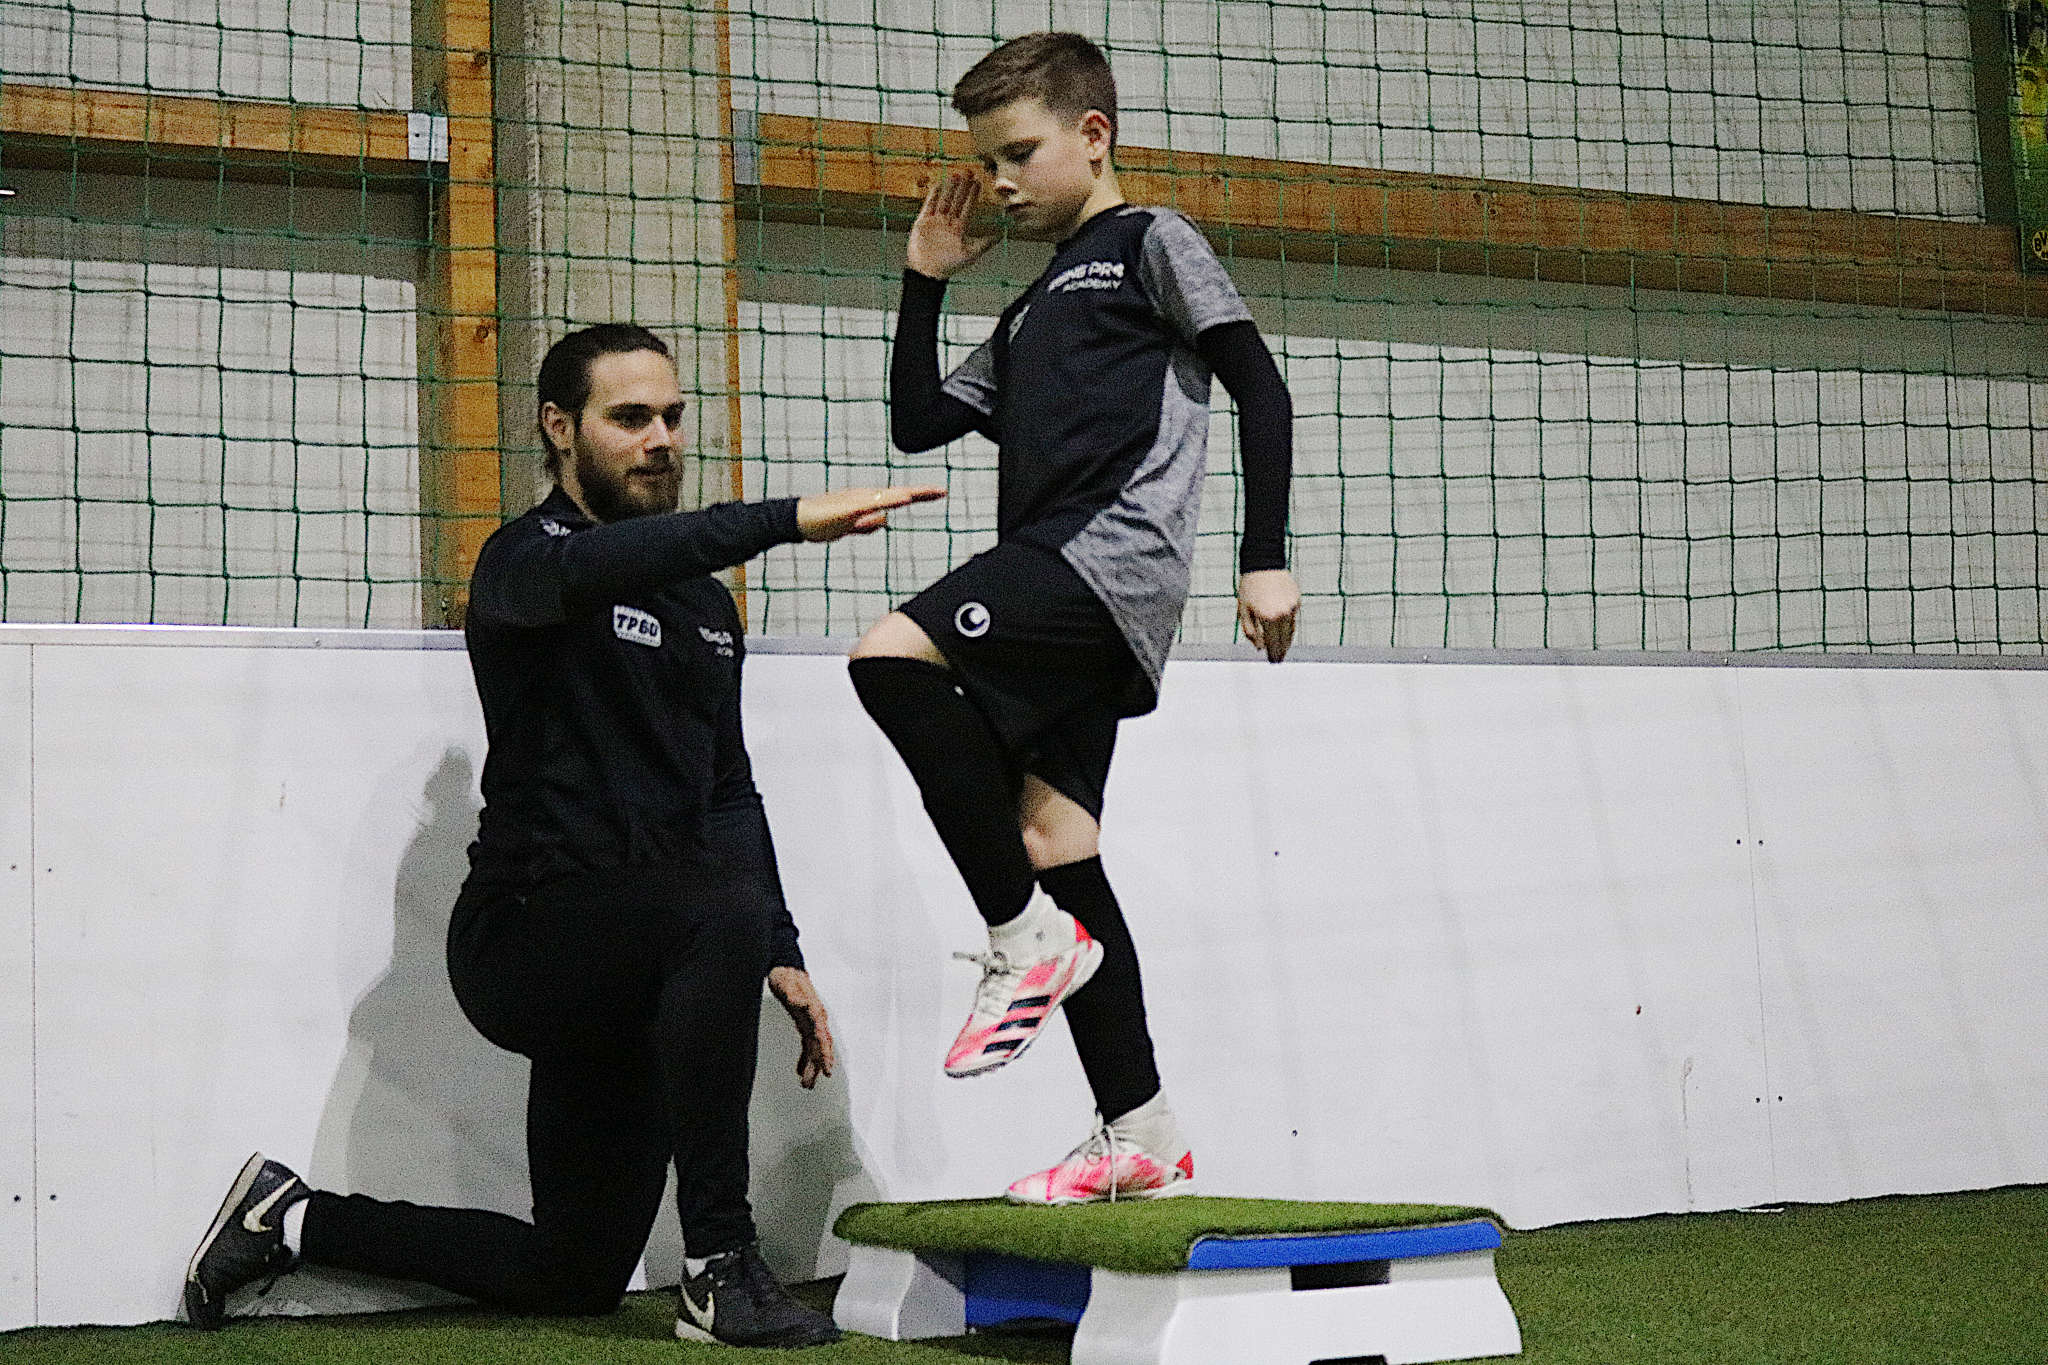 Athletiktraining Fußball Rising Pro Ulm